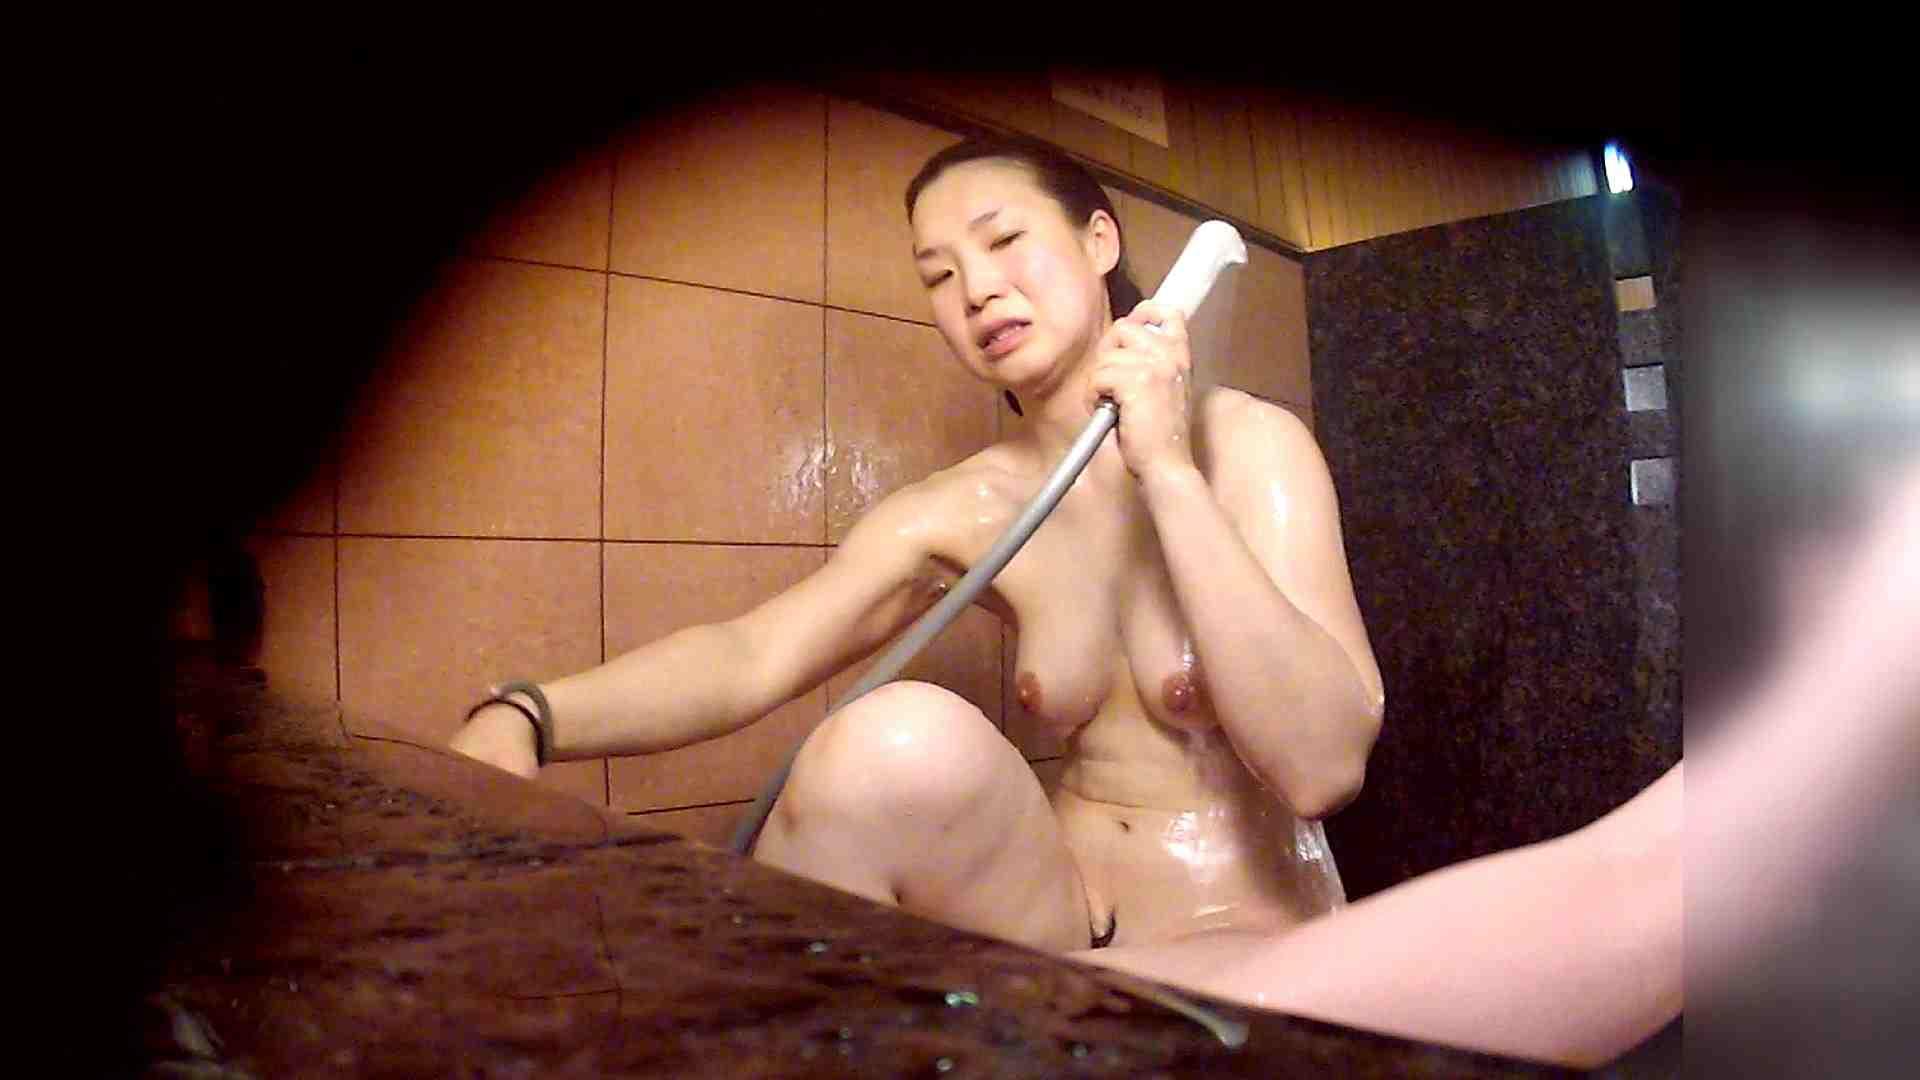 洗い場!マッスルお嬢さん!でもオッパイだけは柔らかそうです。 潜入  65PIX 51